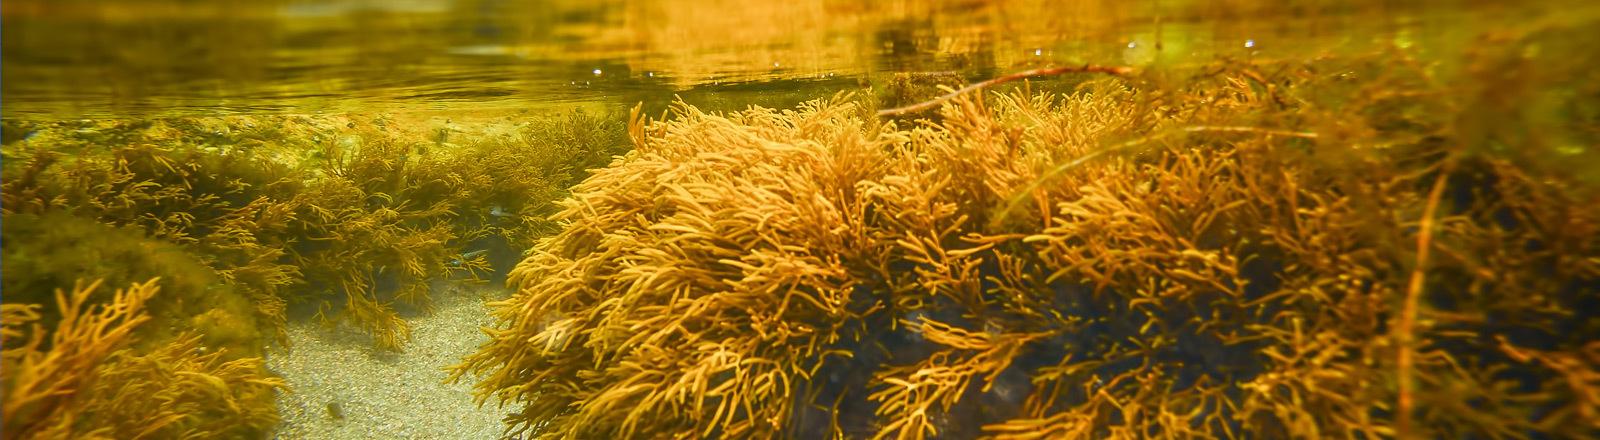 Algen unter Wasser.